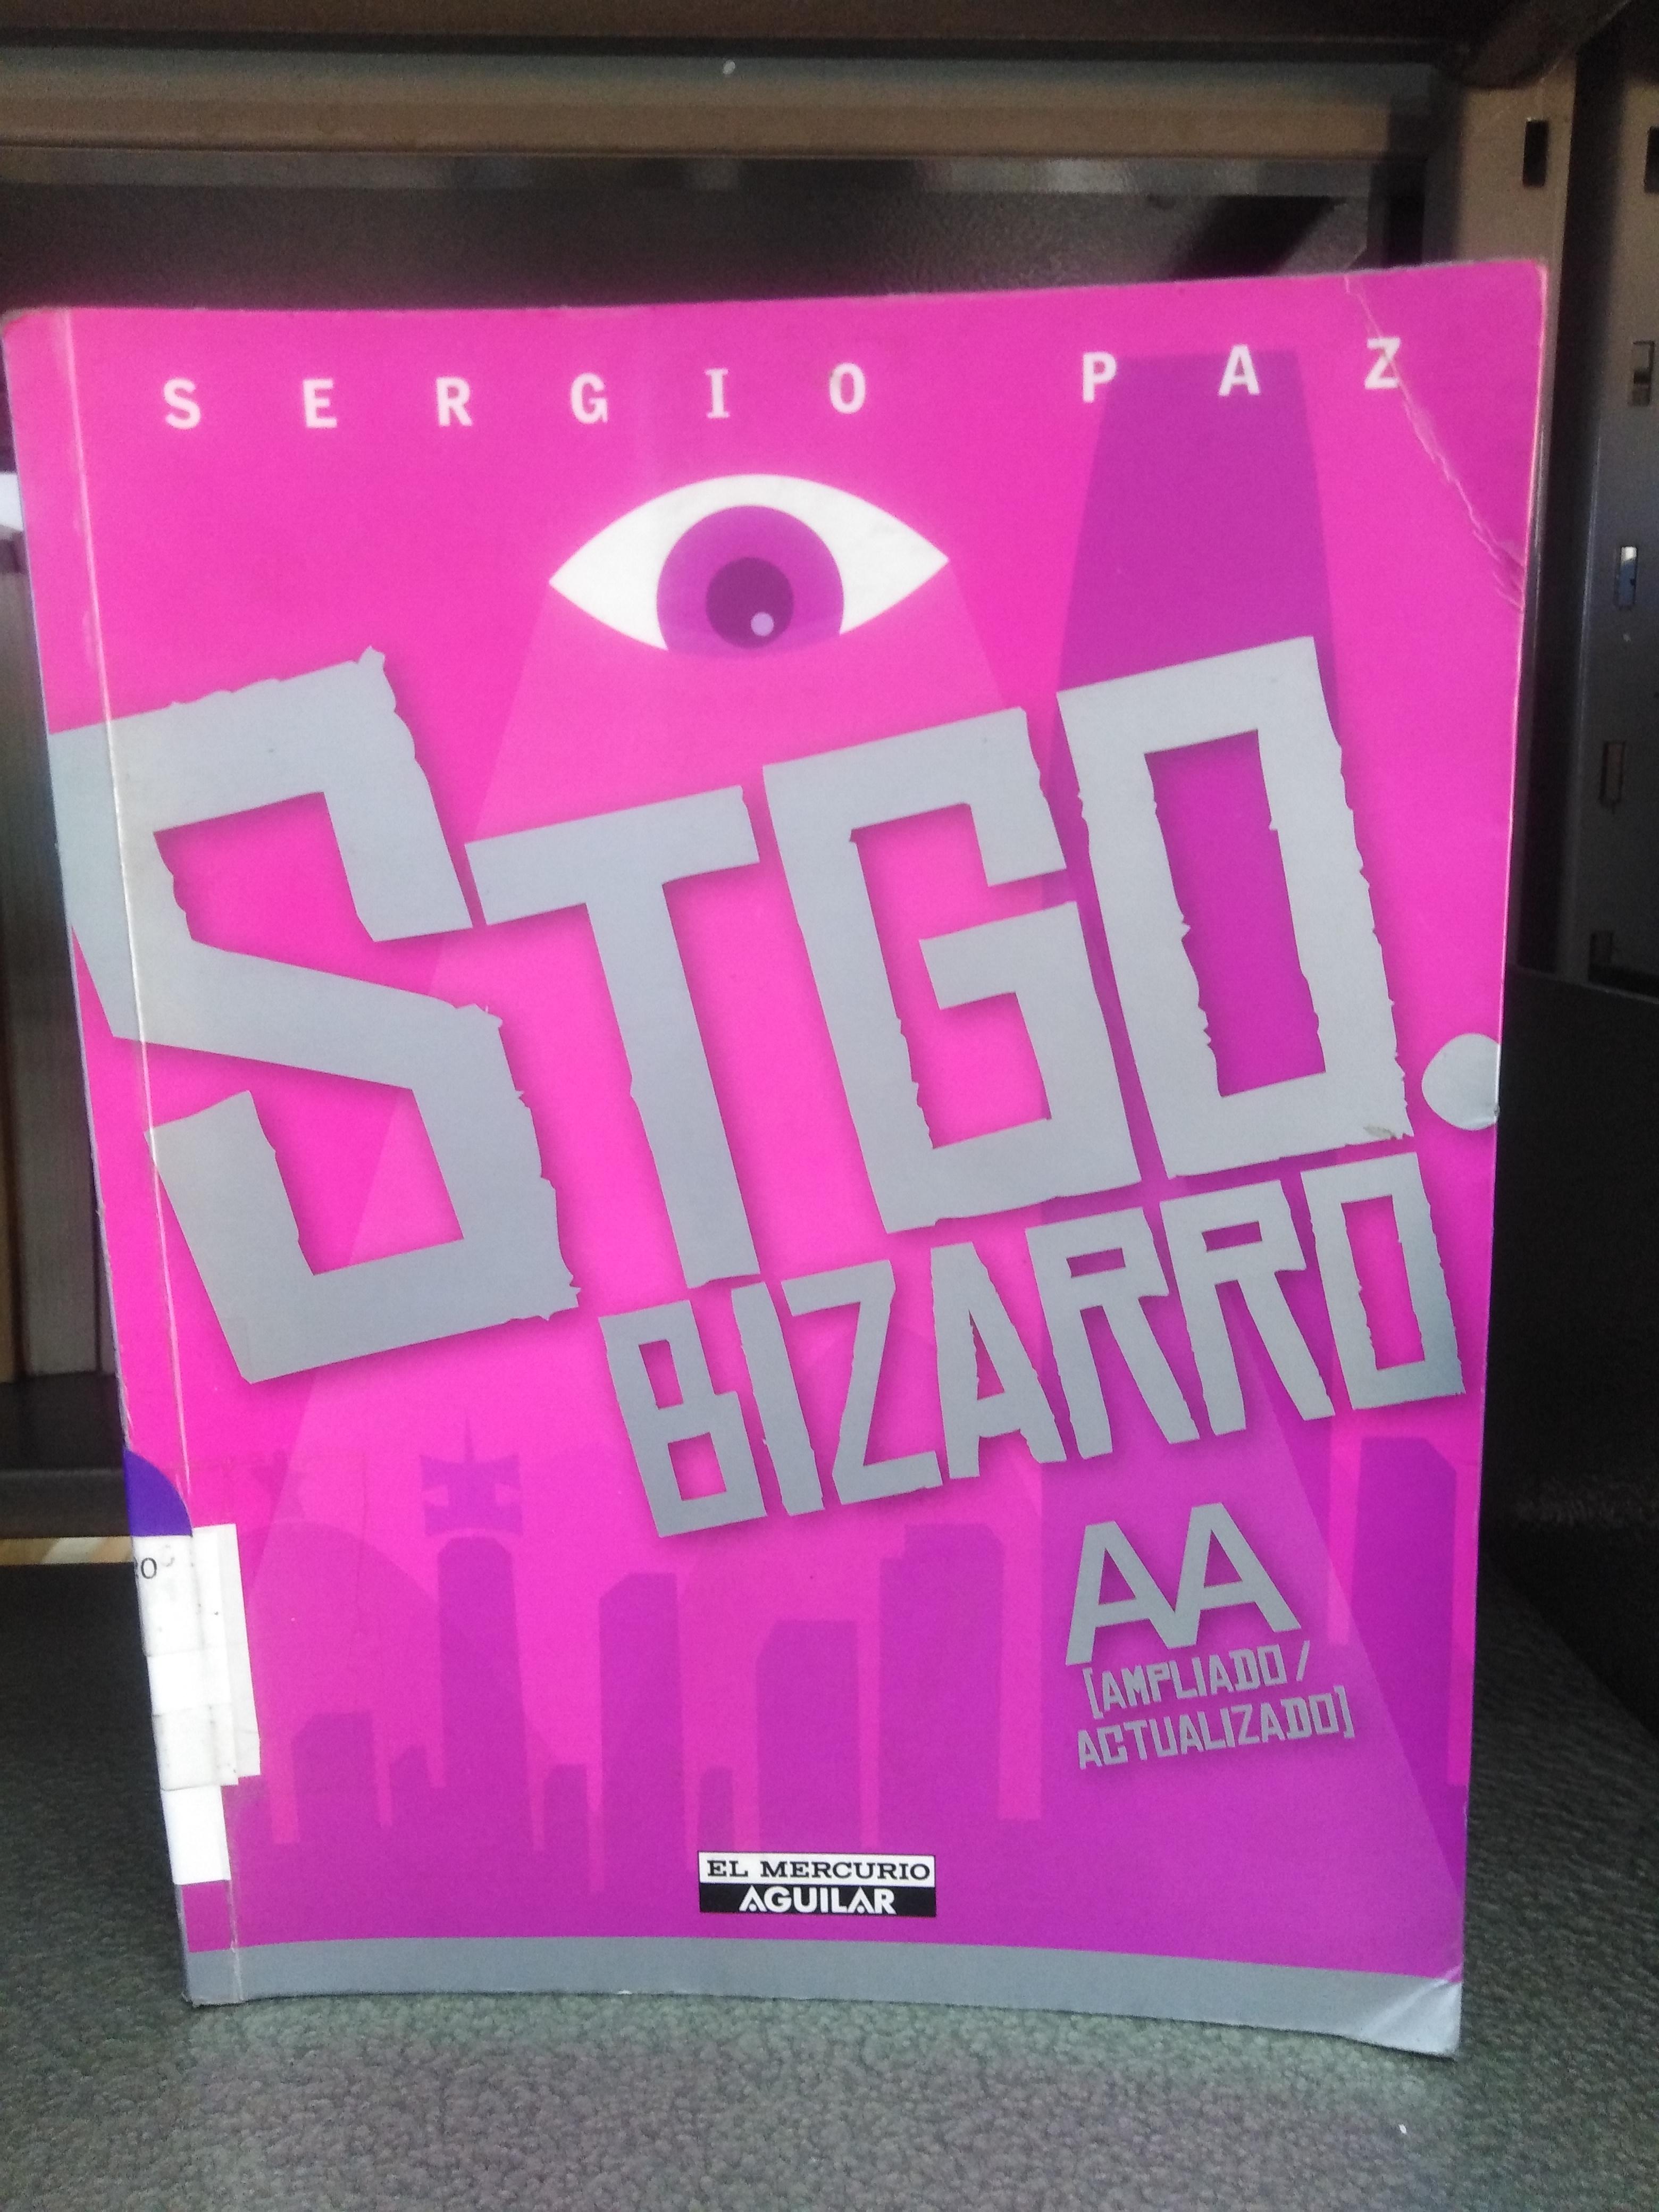 Santiago Bizarro [Reseña]